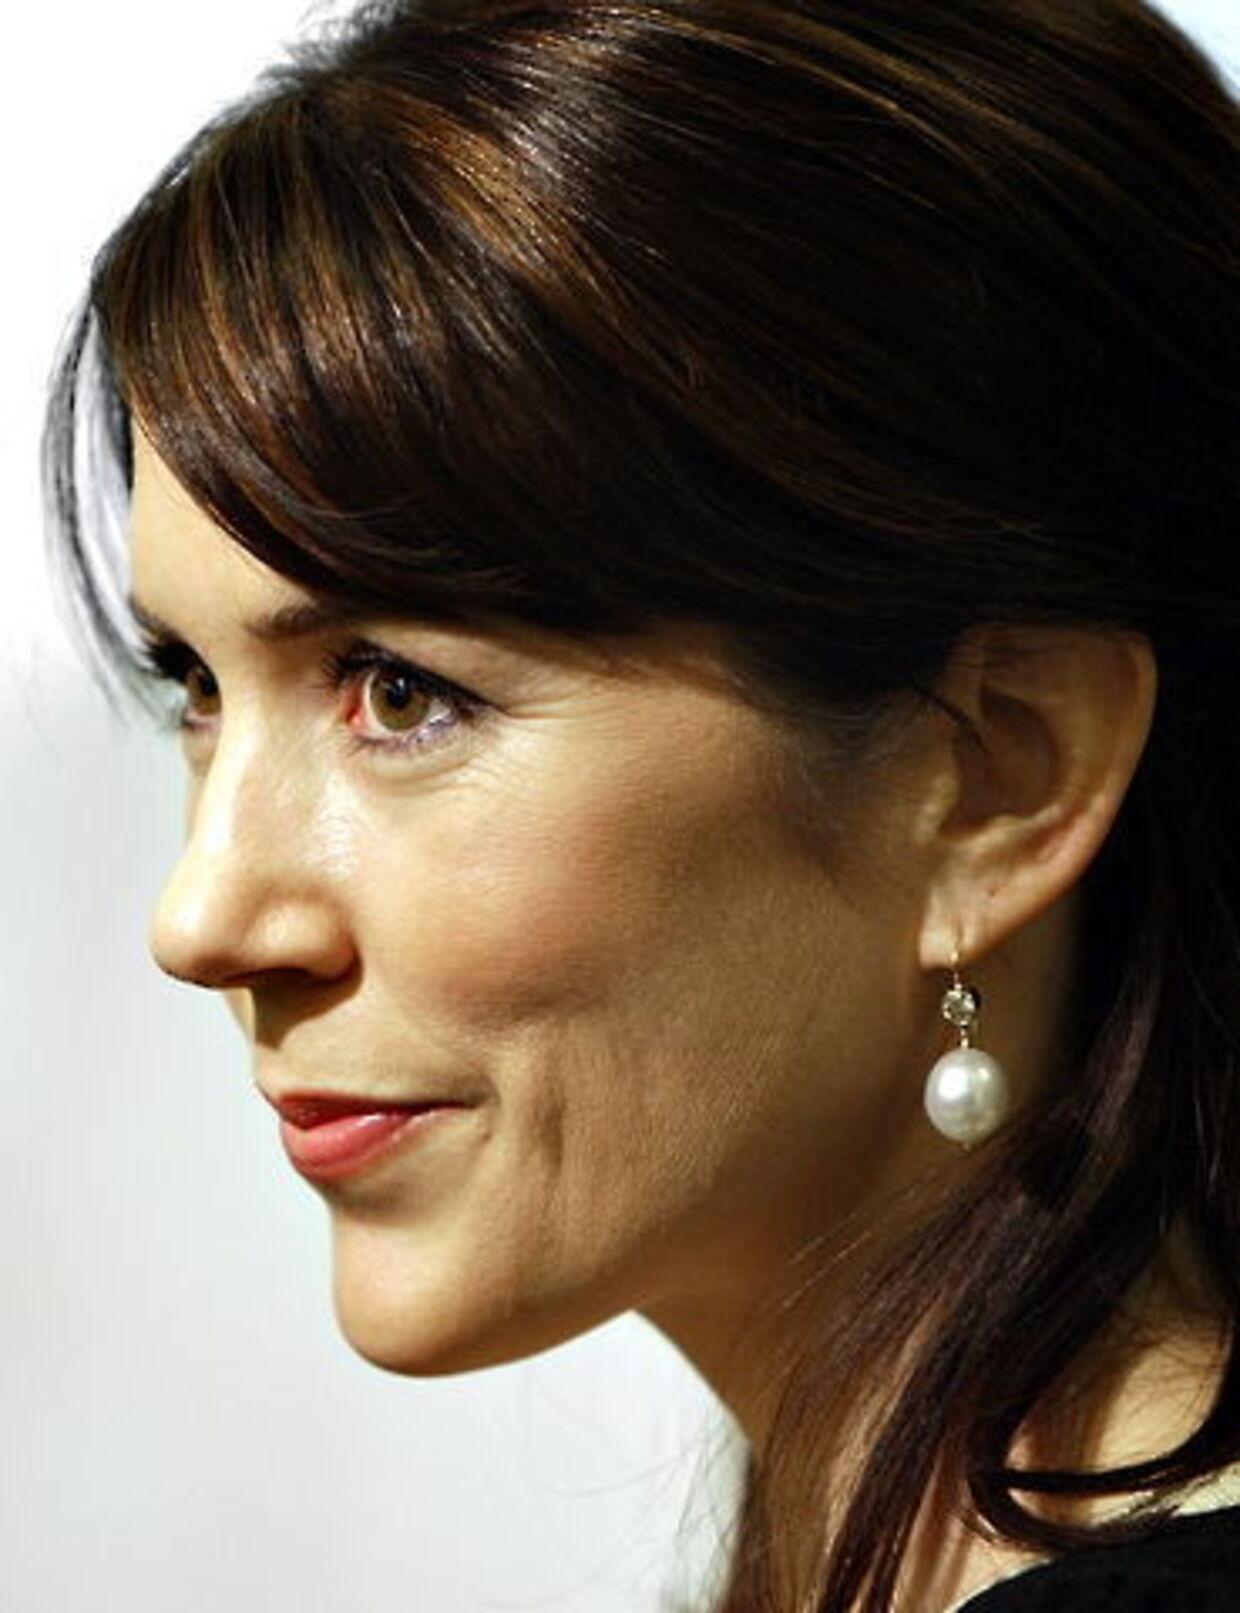 Et kreativt te-firma er blevet irettesat af Hofmarskallatet for at have misbrugt kronprinsesse Mary i markedsføringsøjemed.